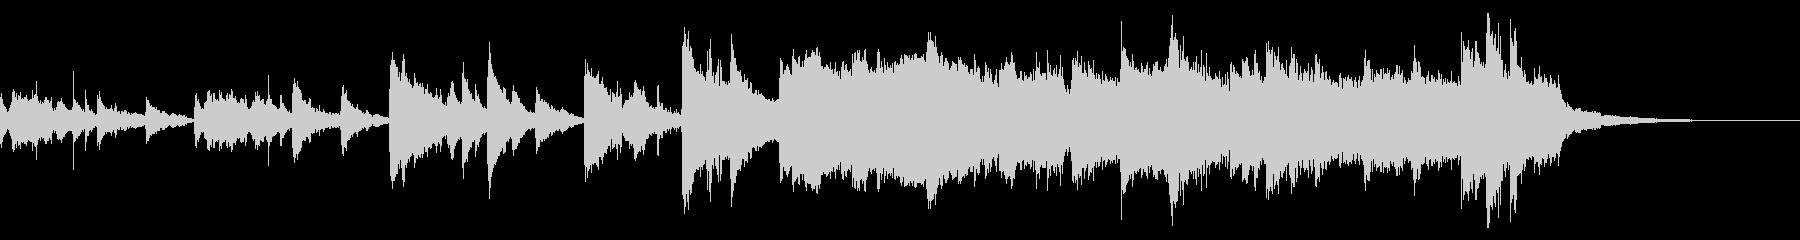 切ない・戸惑いのピアノ8小節の未再生の波形